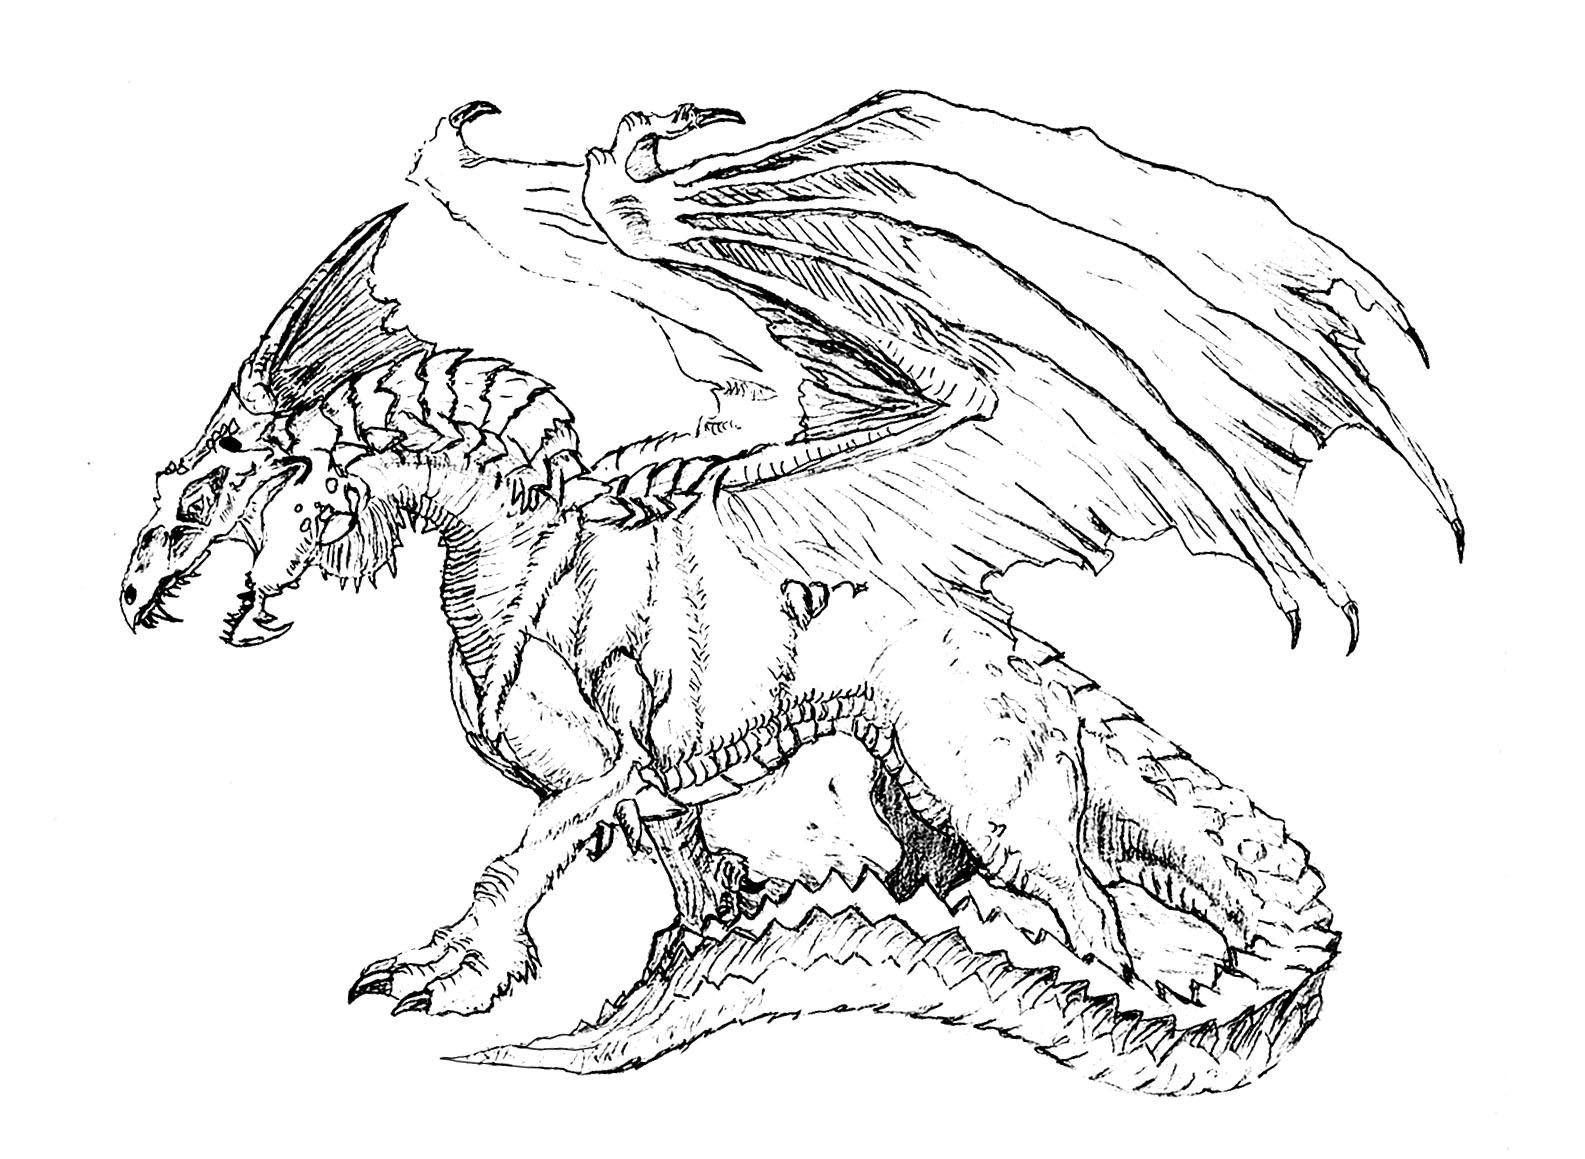 Effrayant Dragon Dragons Coloriages Difficiles Pour